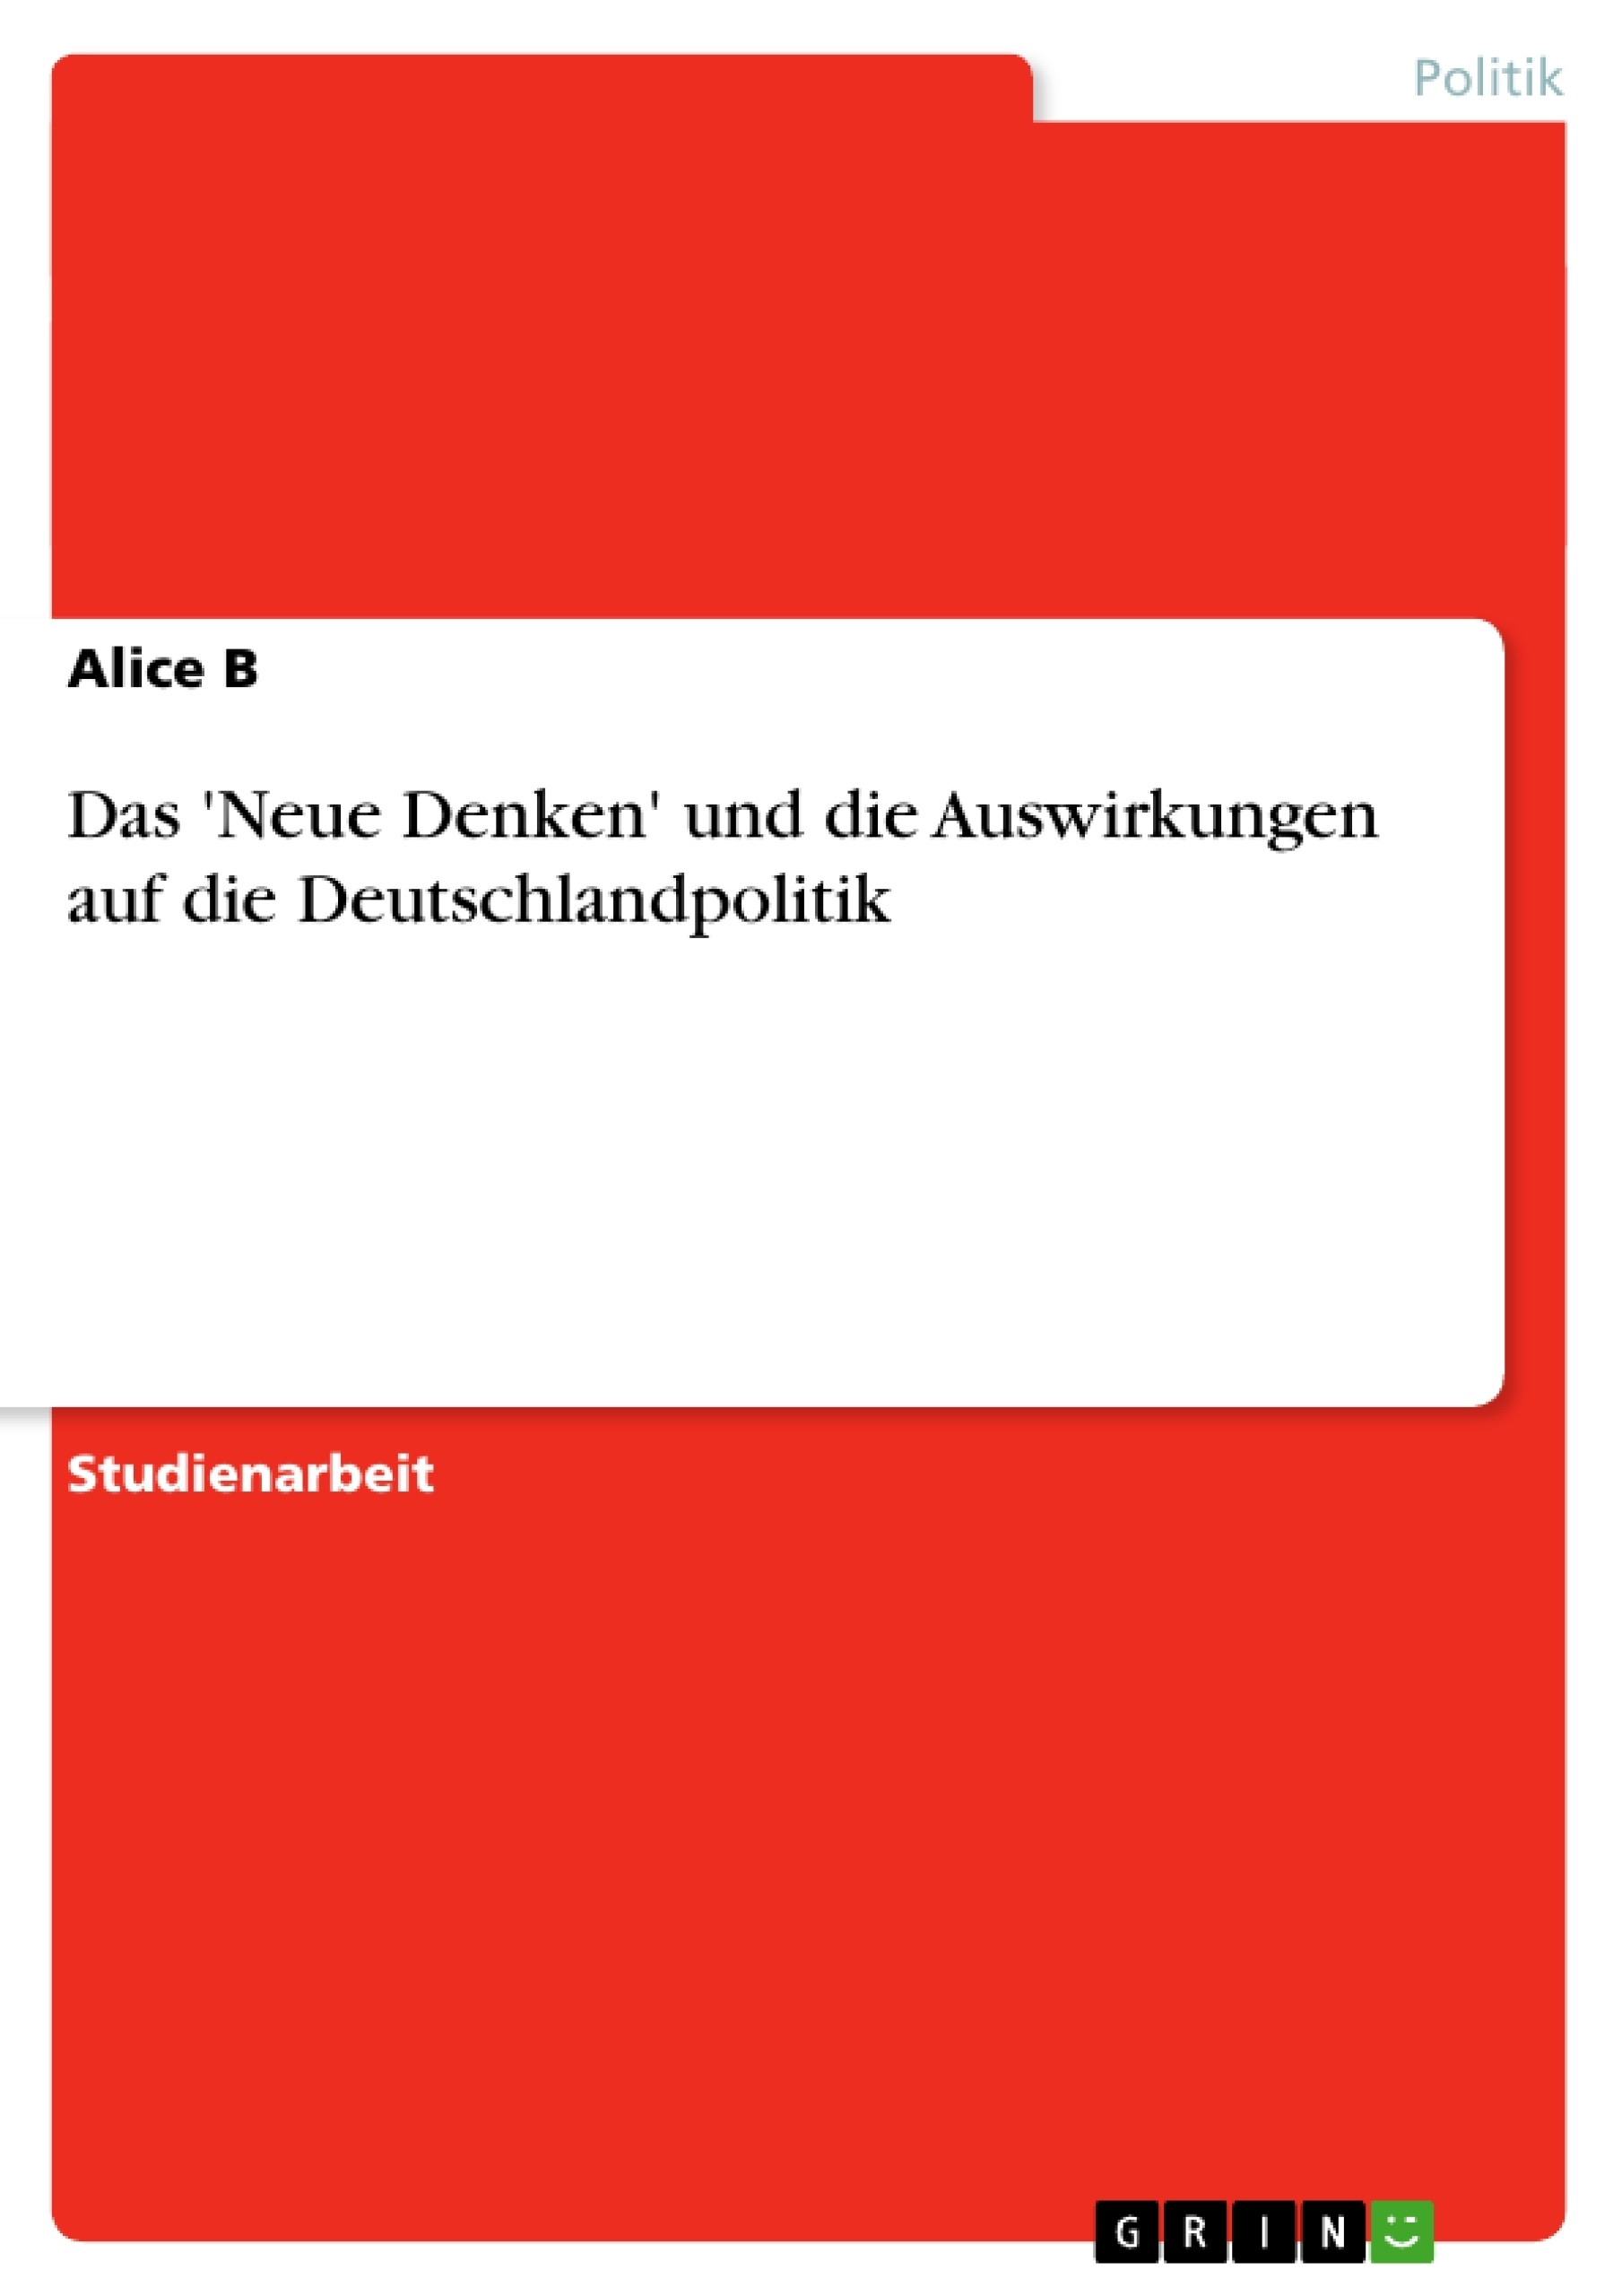 Titel: Das 'Neue Denken' und die Auswirkungen auf die Deutschlandpolitik